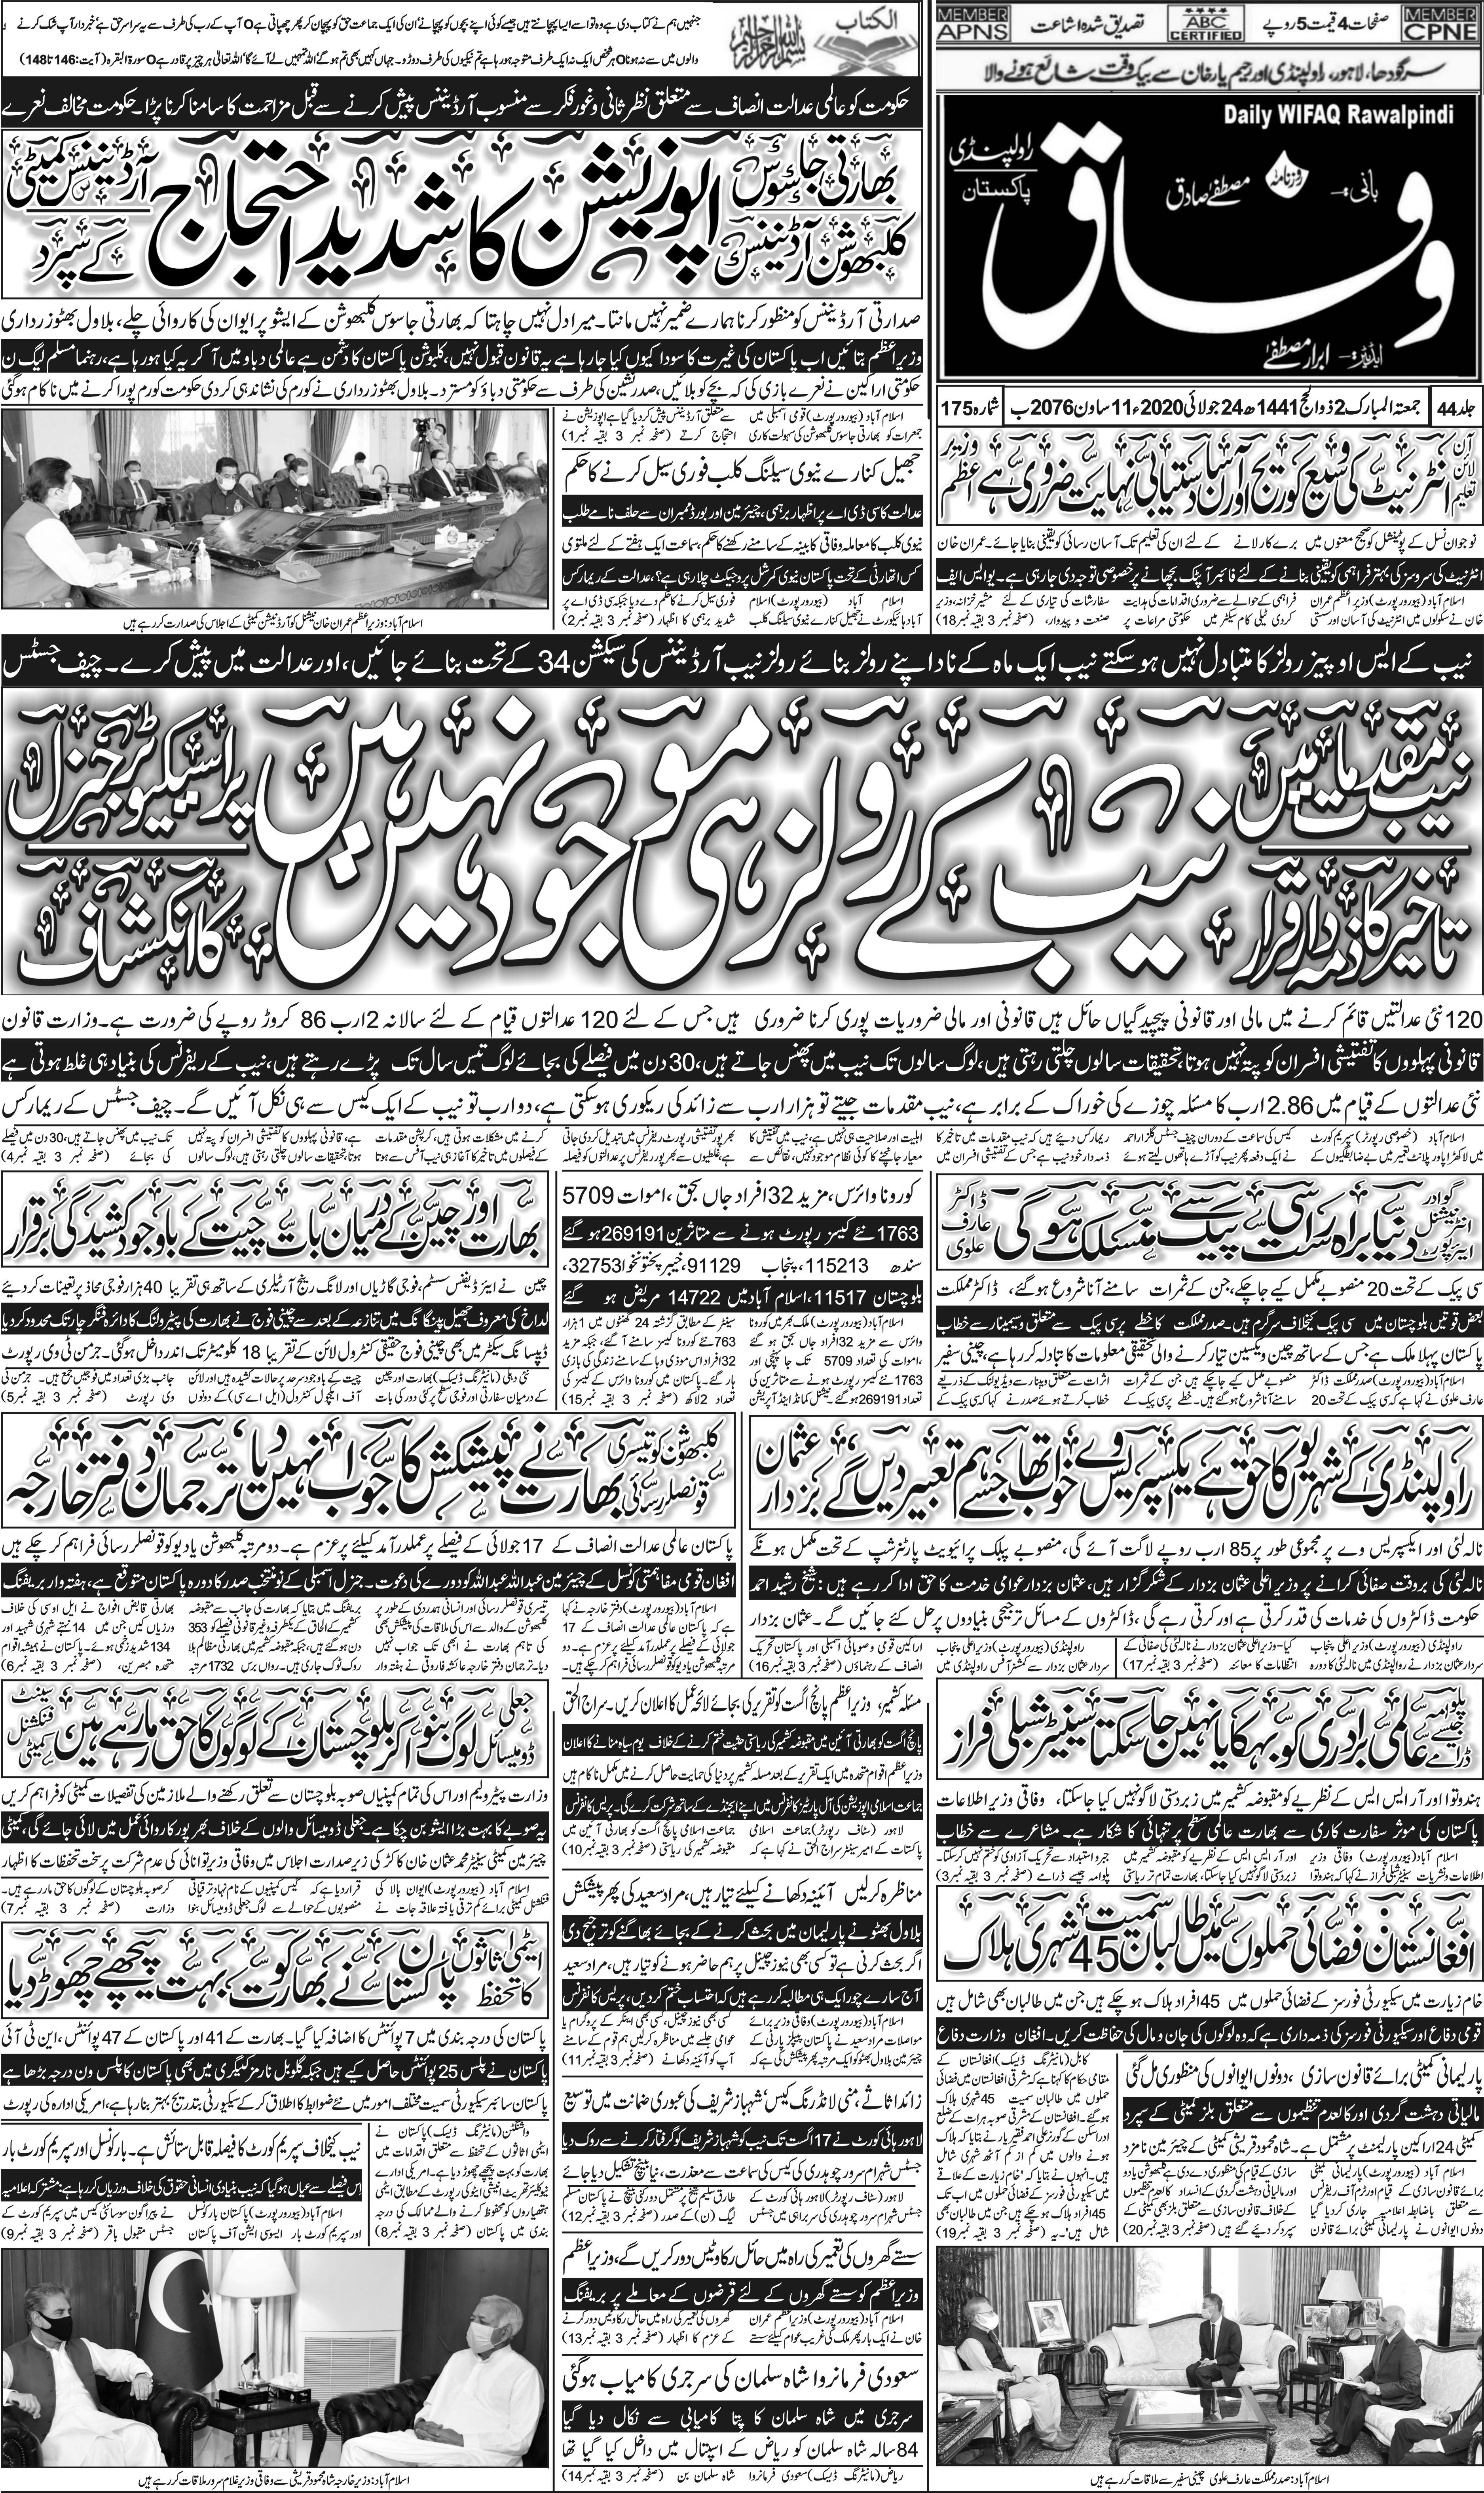 e-Paper – Daily Wifaq – Rawalpindi – 24-07-2020